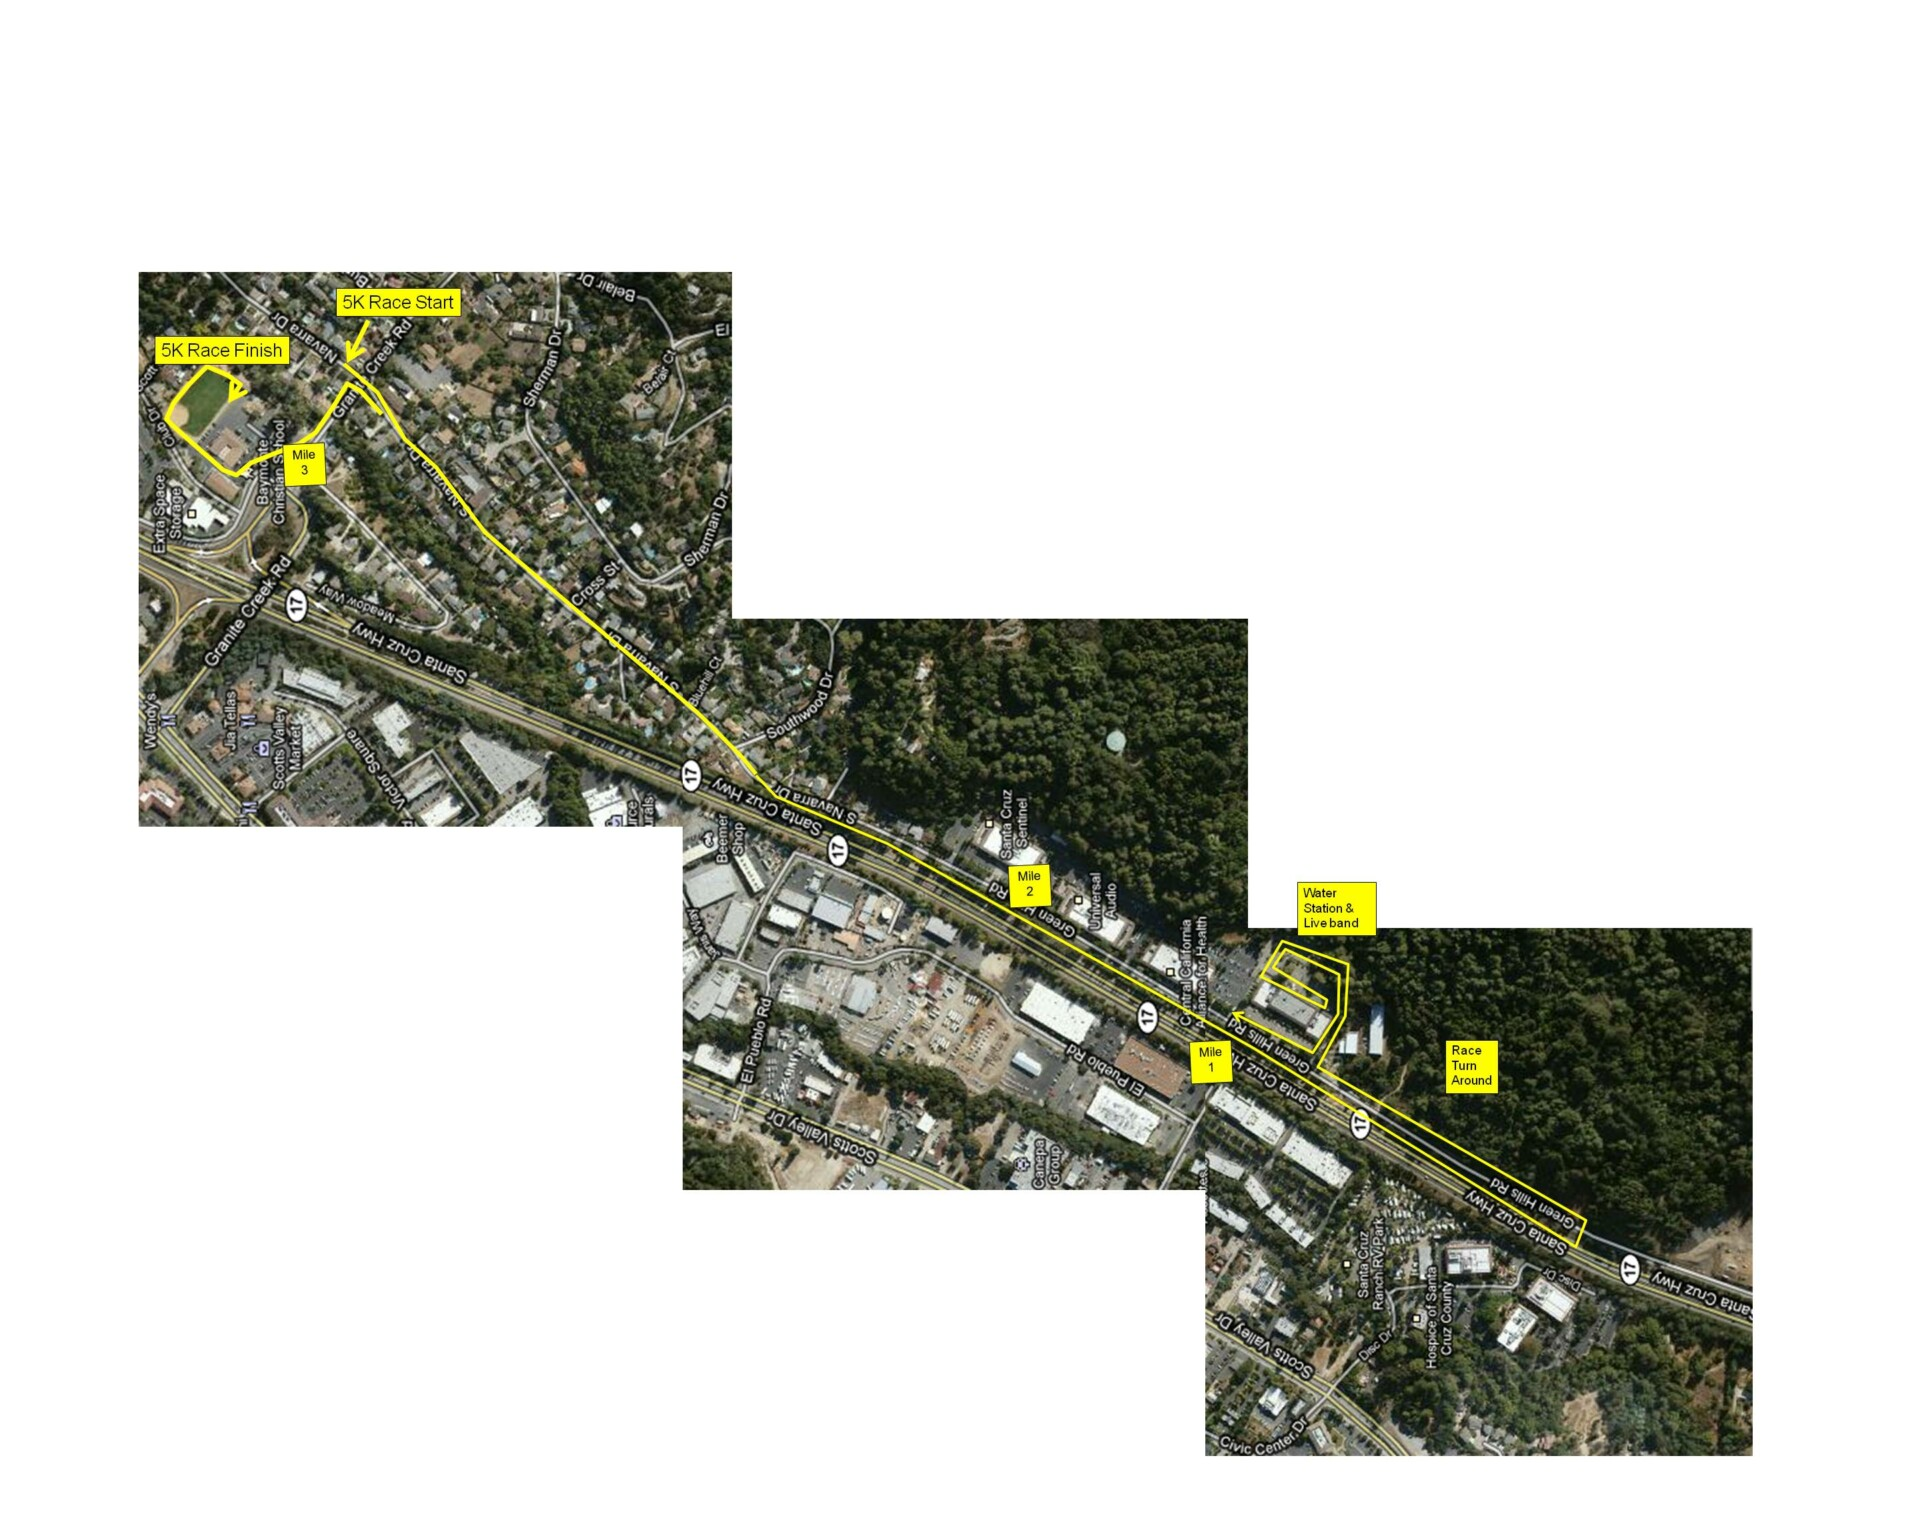 Tech Trek 5K Race Route